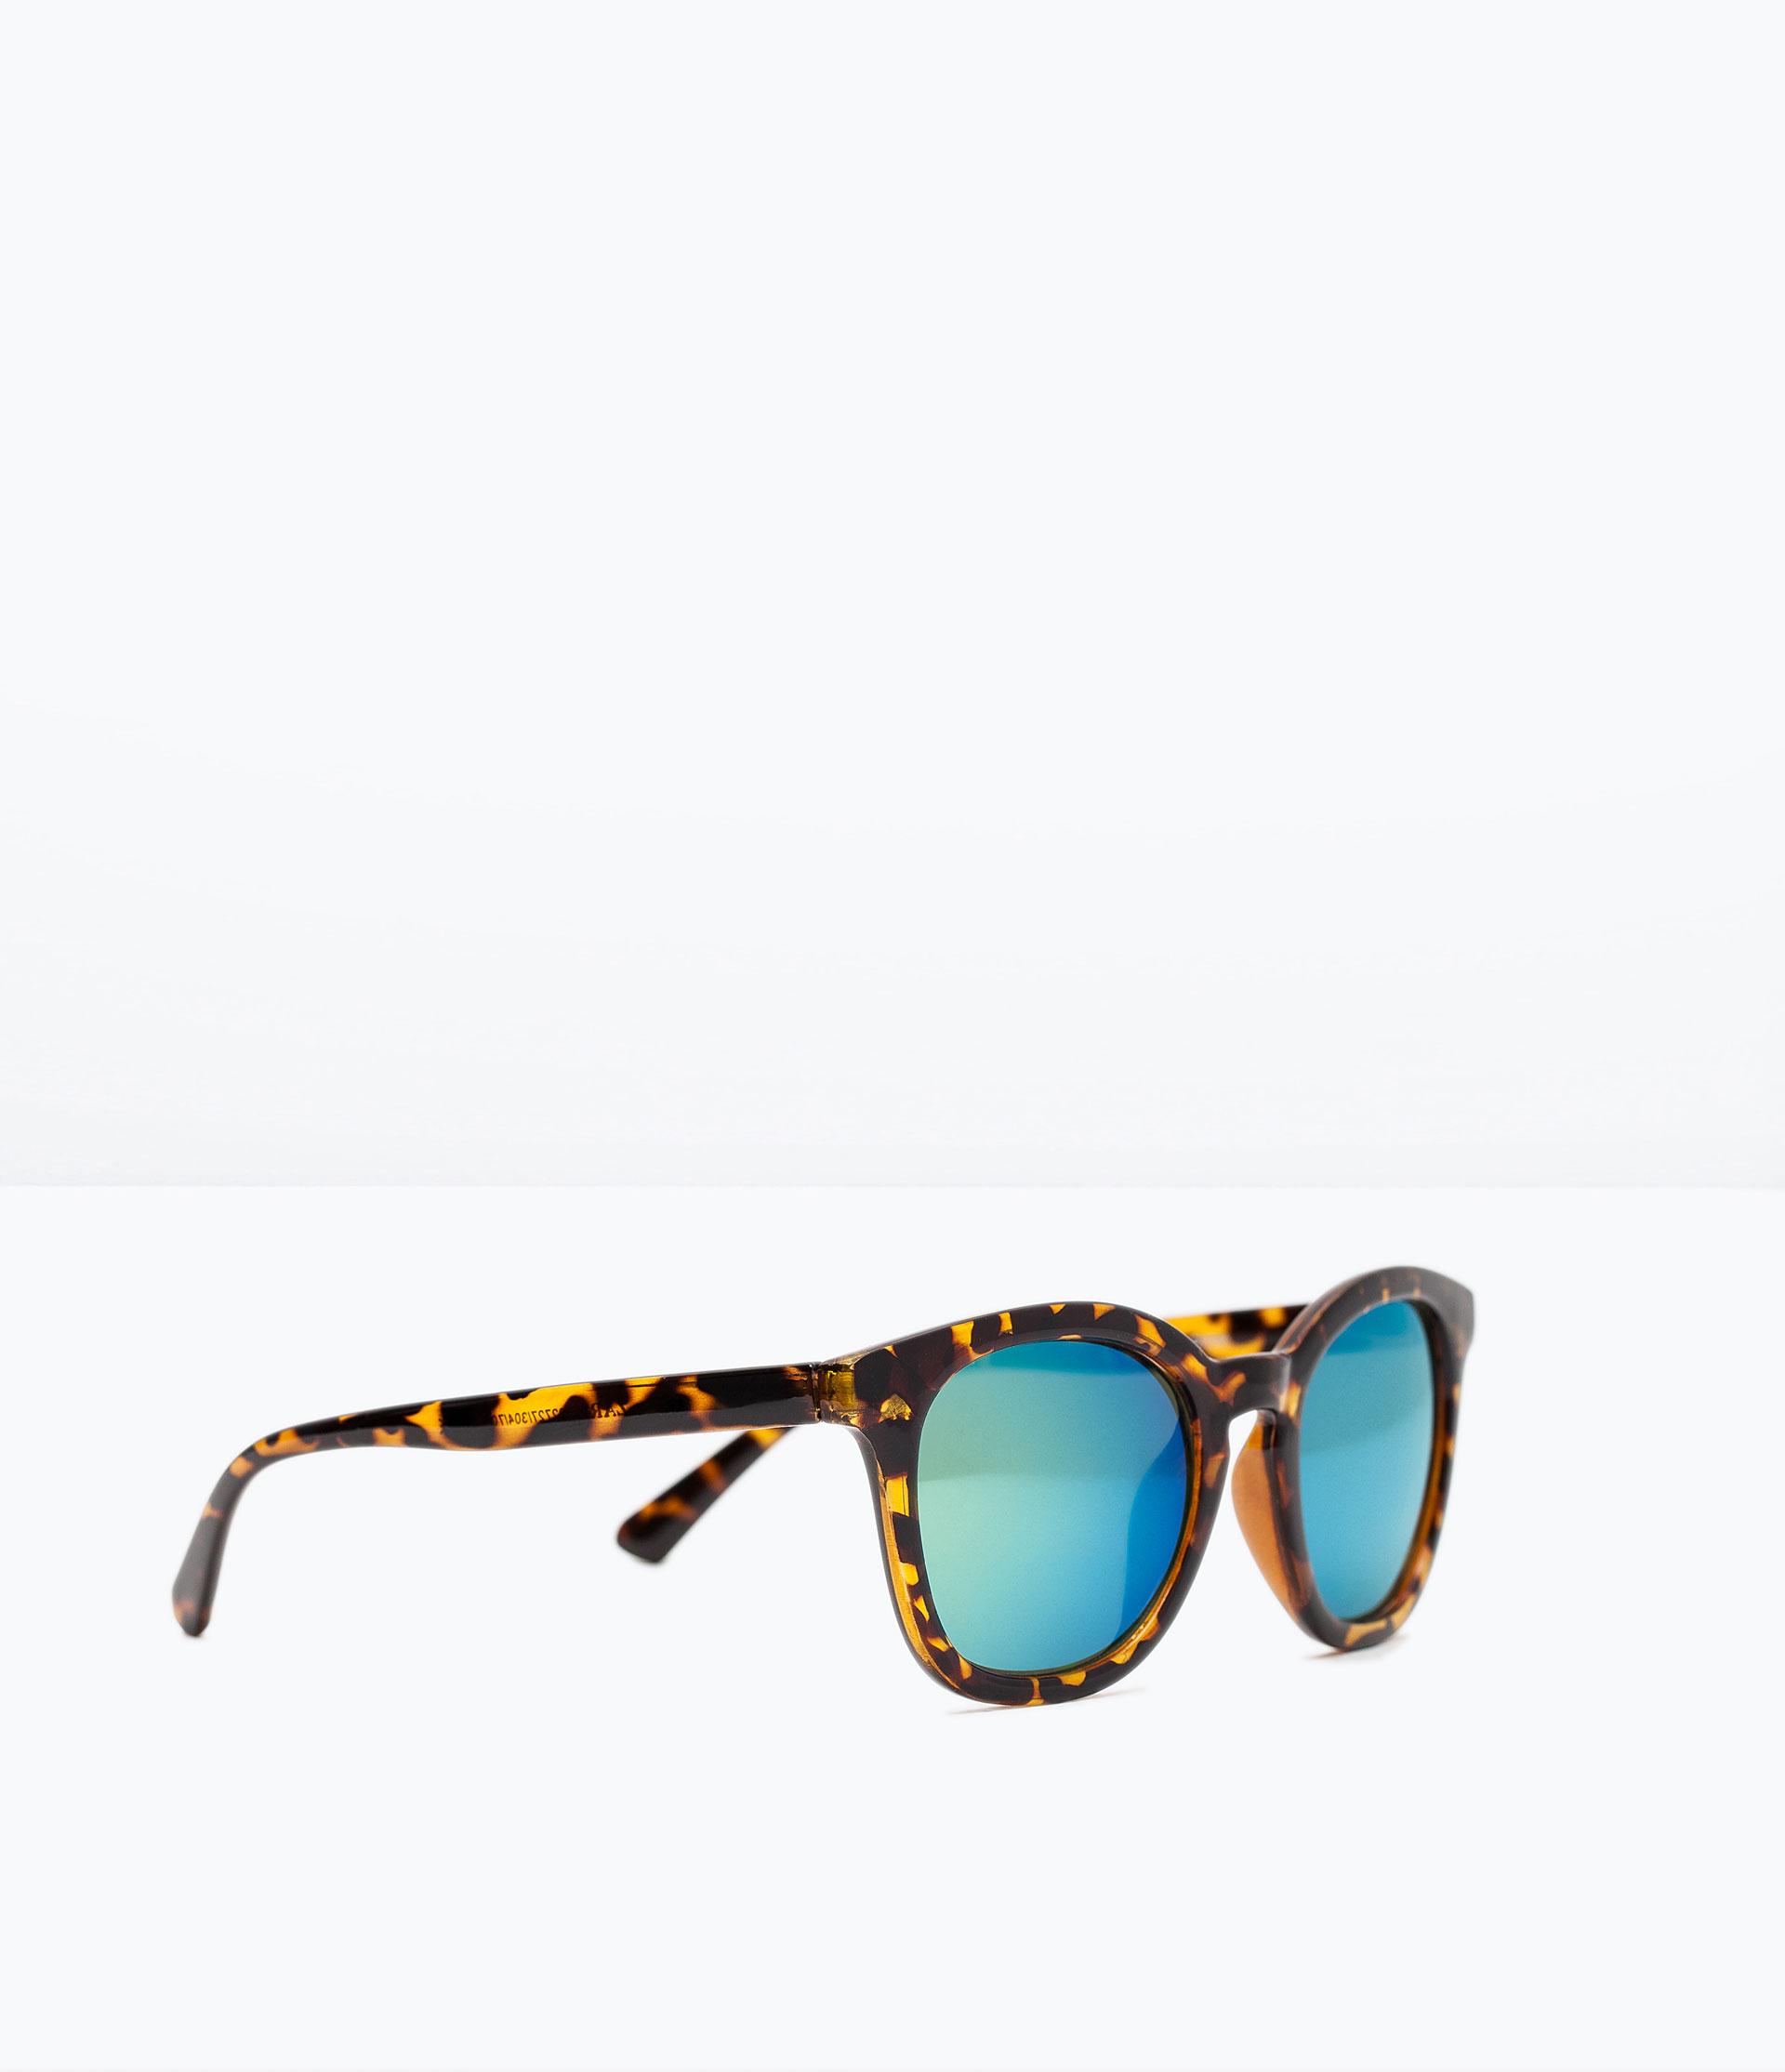 Zara Glasses Frames : Zara Rounded Sunglasses With Tortoiseshell Frame in Brown ...